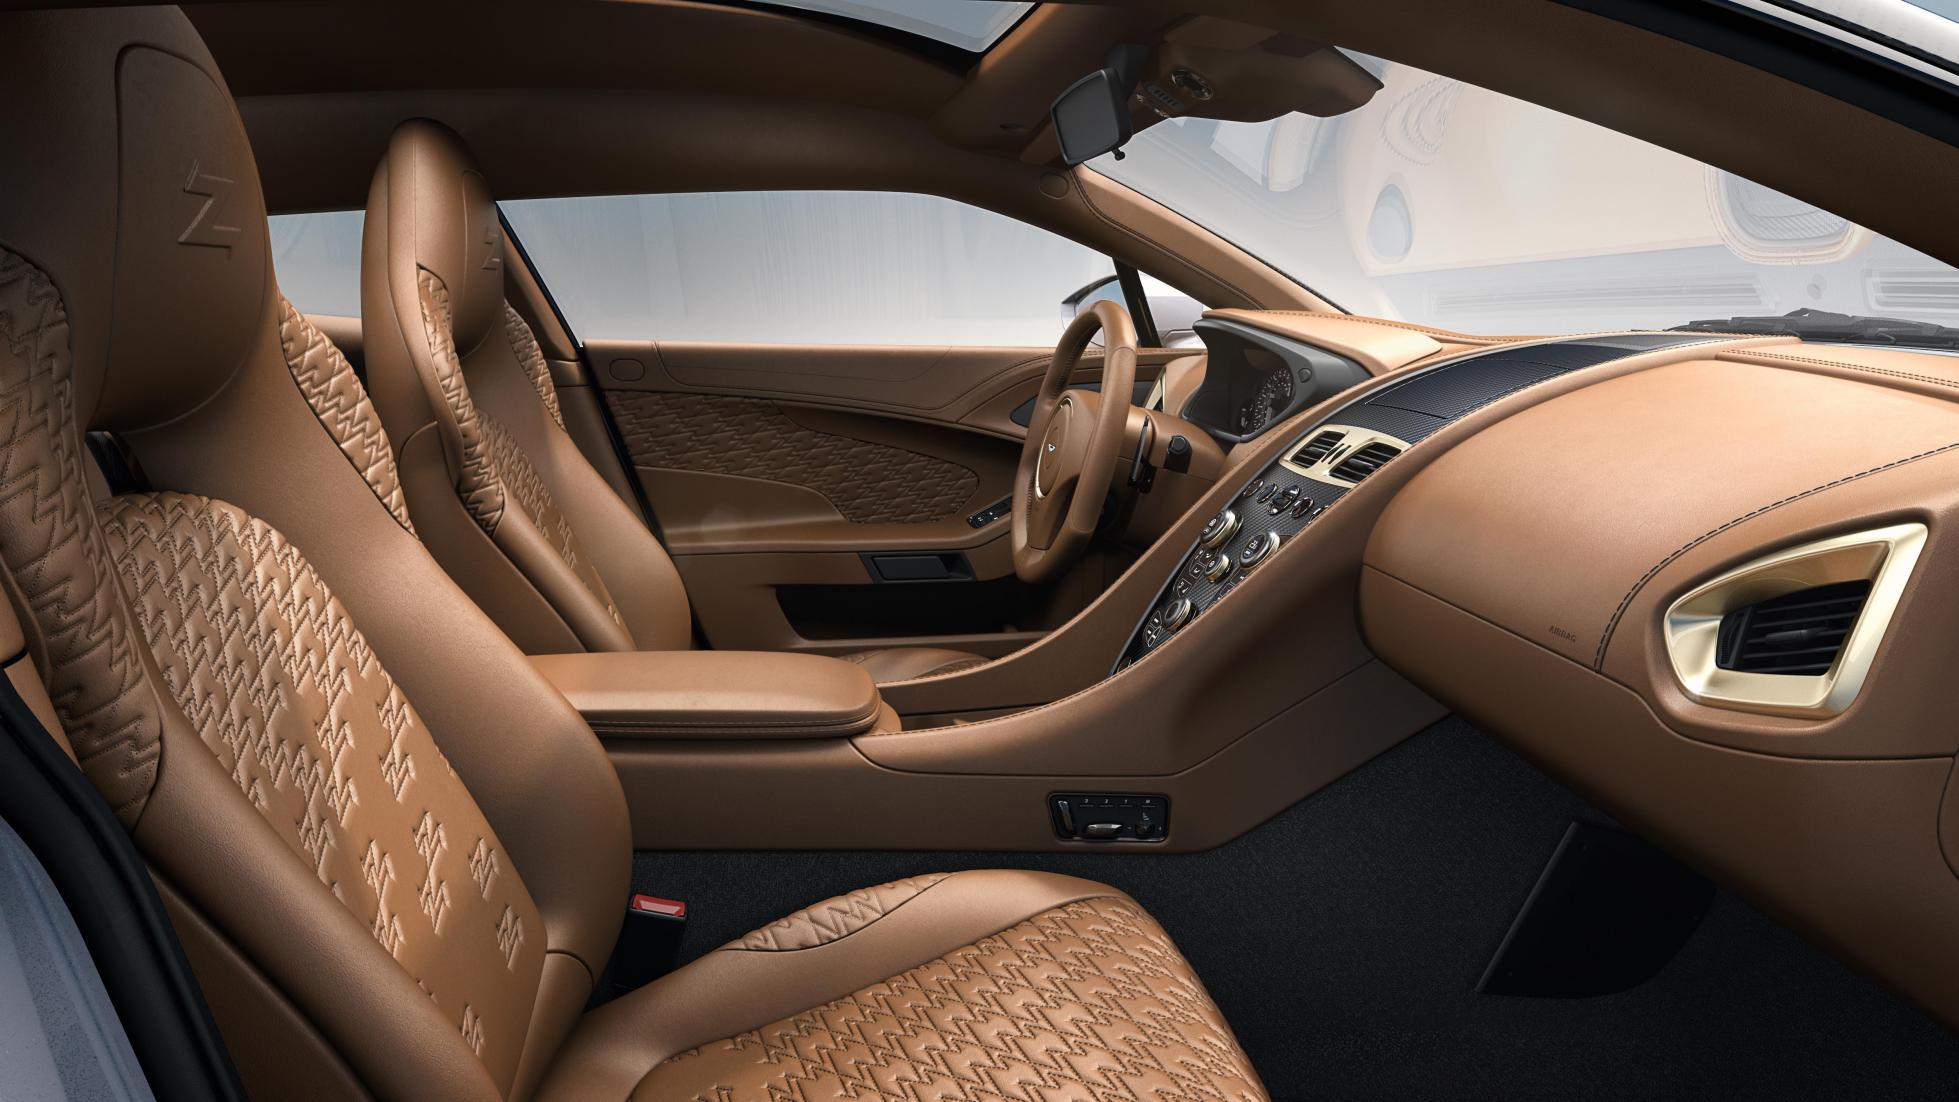 Aston martin Vanquish Zagato Shooting Brake cabin